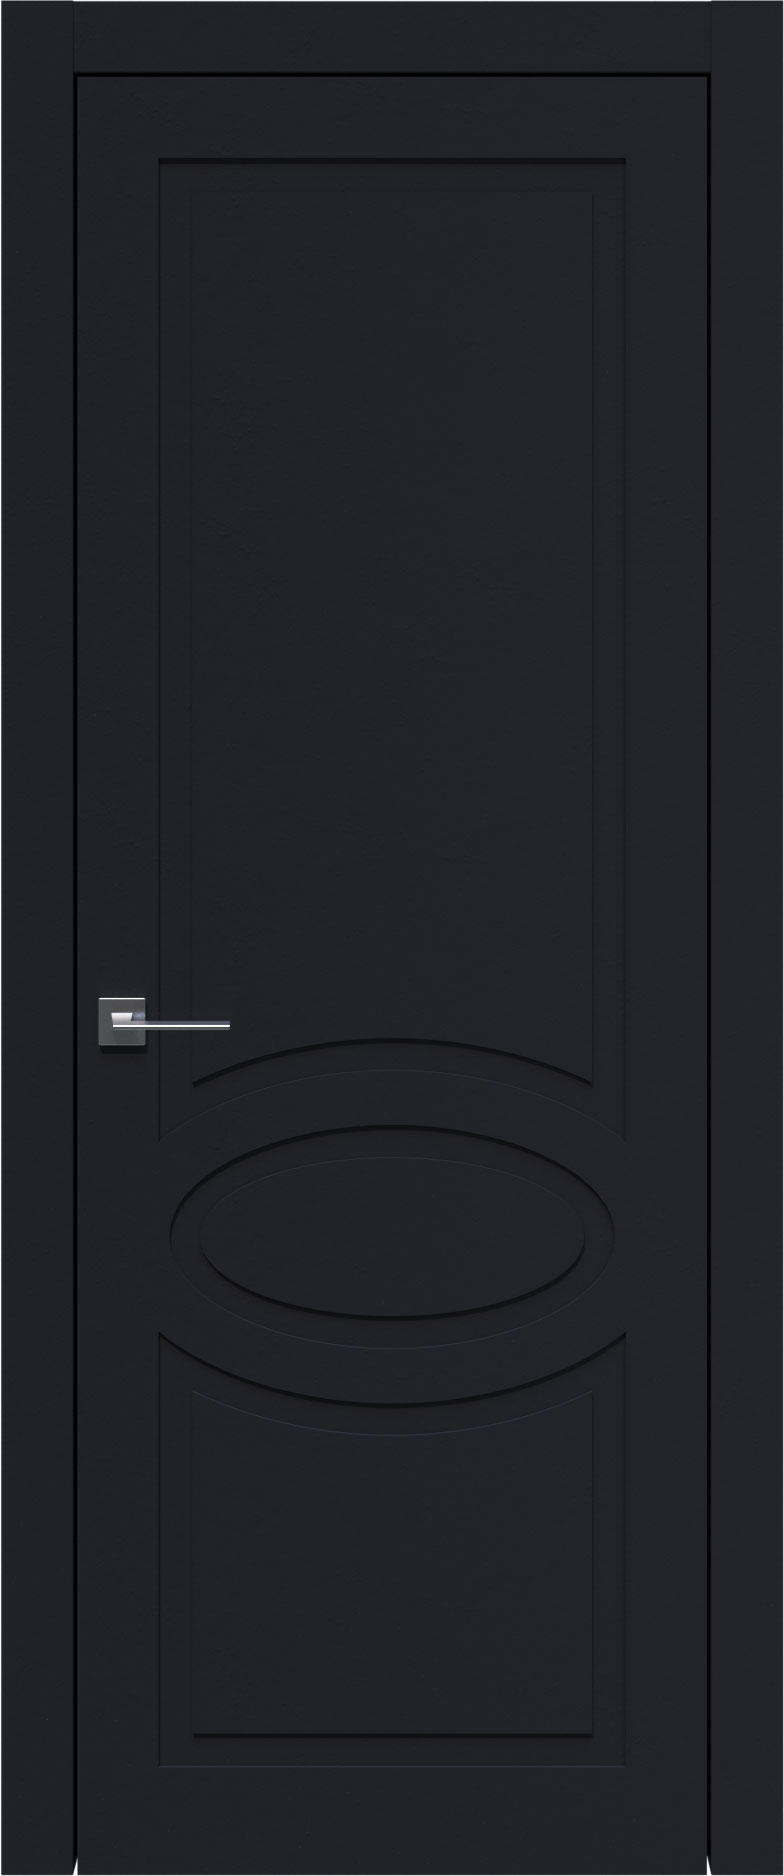 Tivoli Н-5 цвет - Черная эмаль (RAL 9004) Без стекла (ДГ)